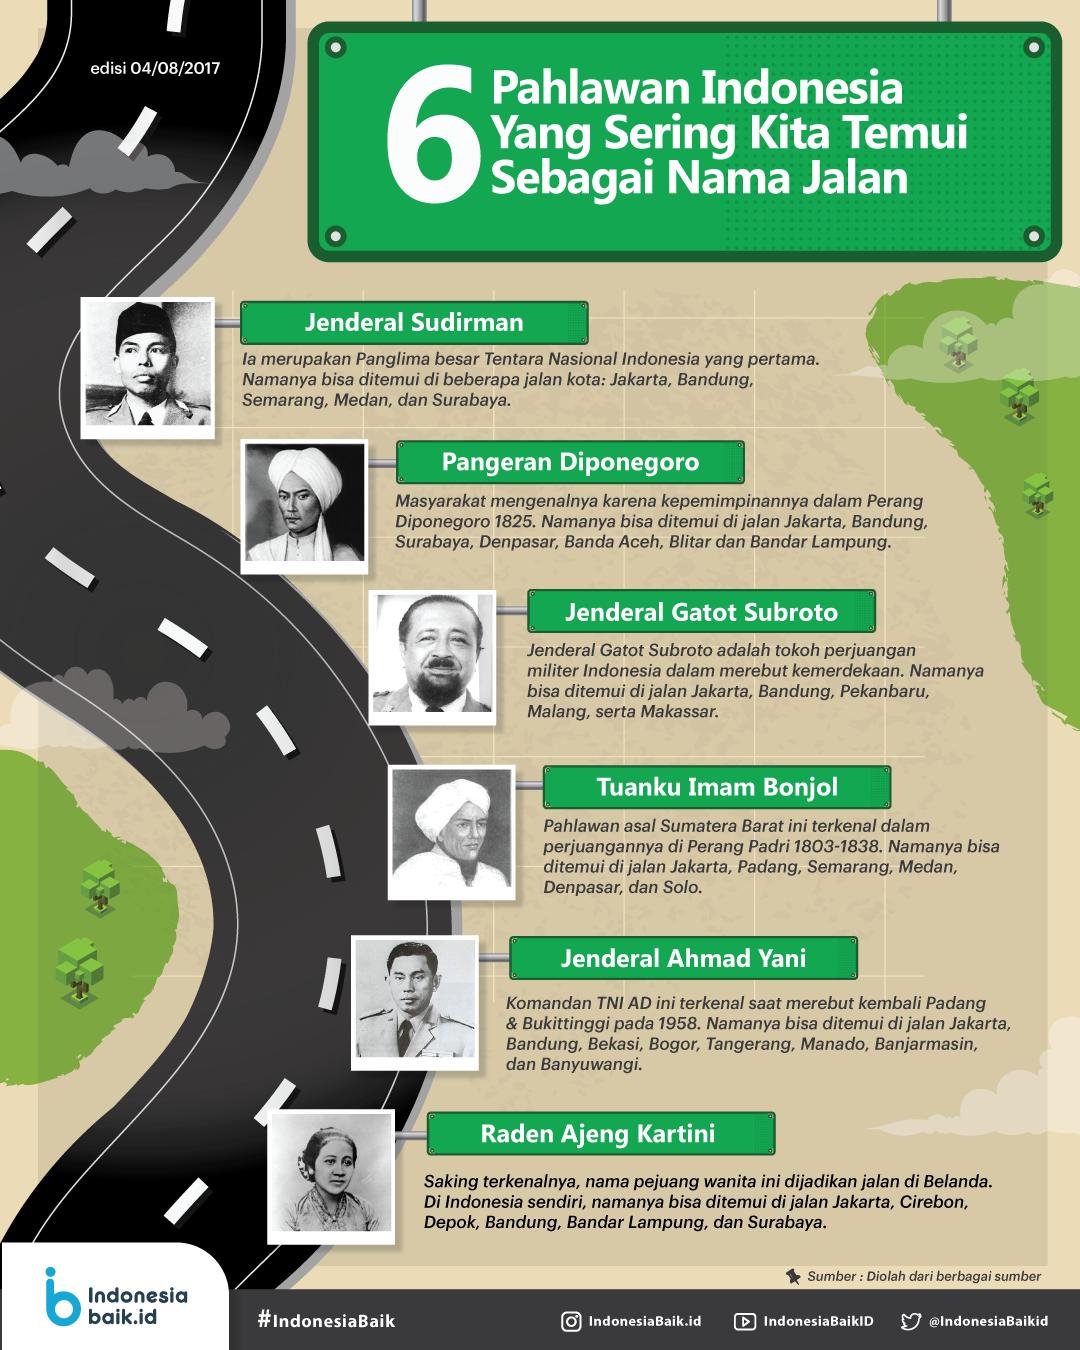 6 Pahlawan Indonesia Yang Sering Kita Temui Sebagai Nama Jalan